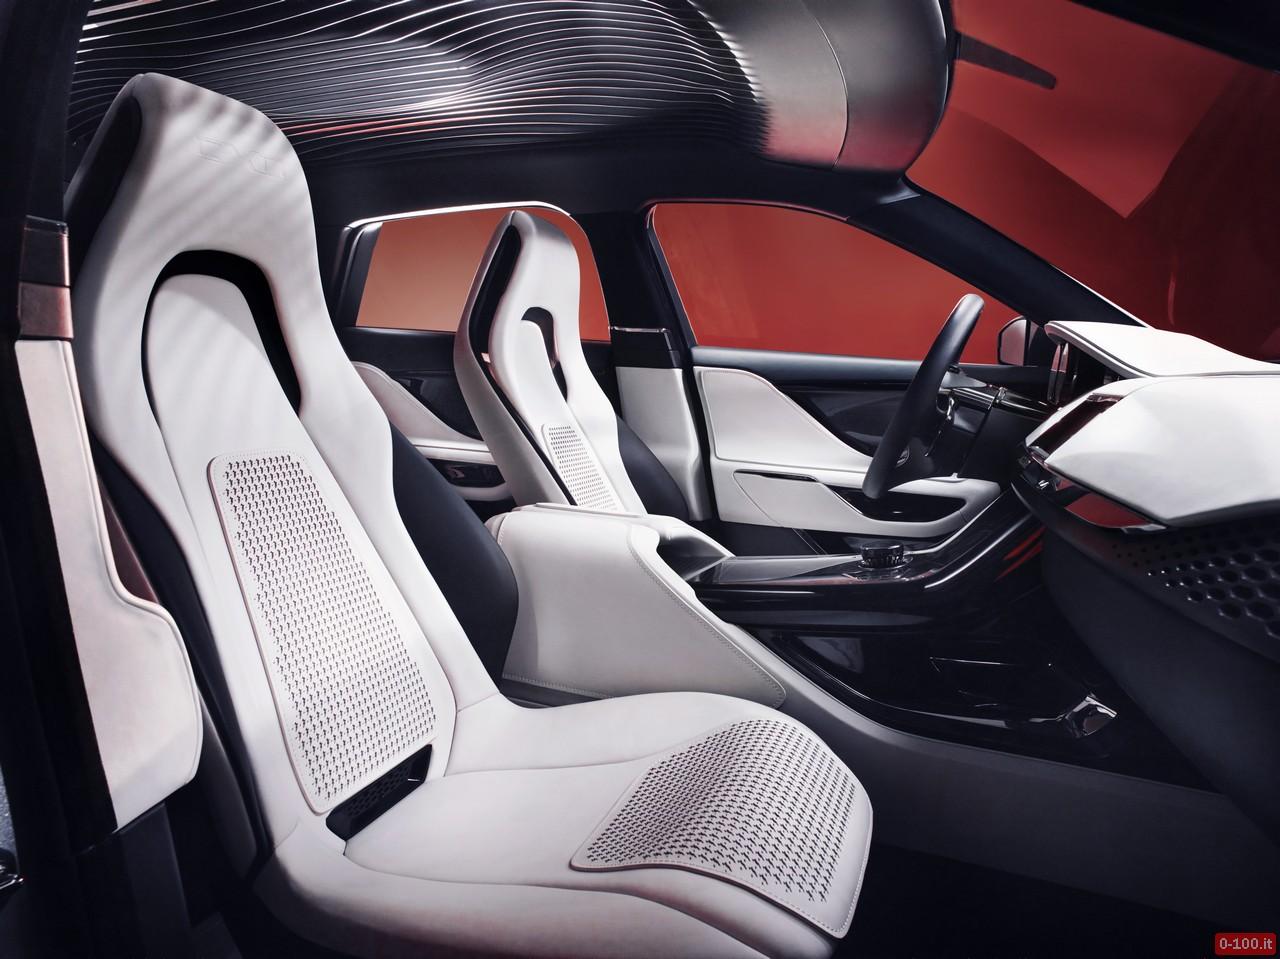 jaguar-c-x17-dubai-price-aluminum_0-100_36